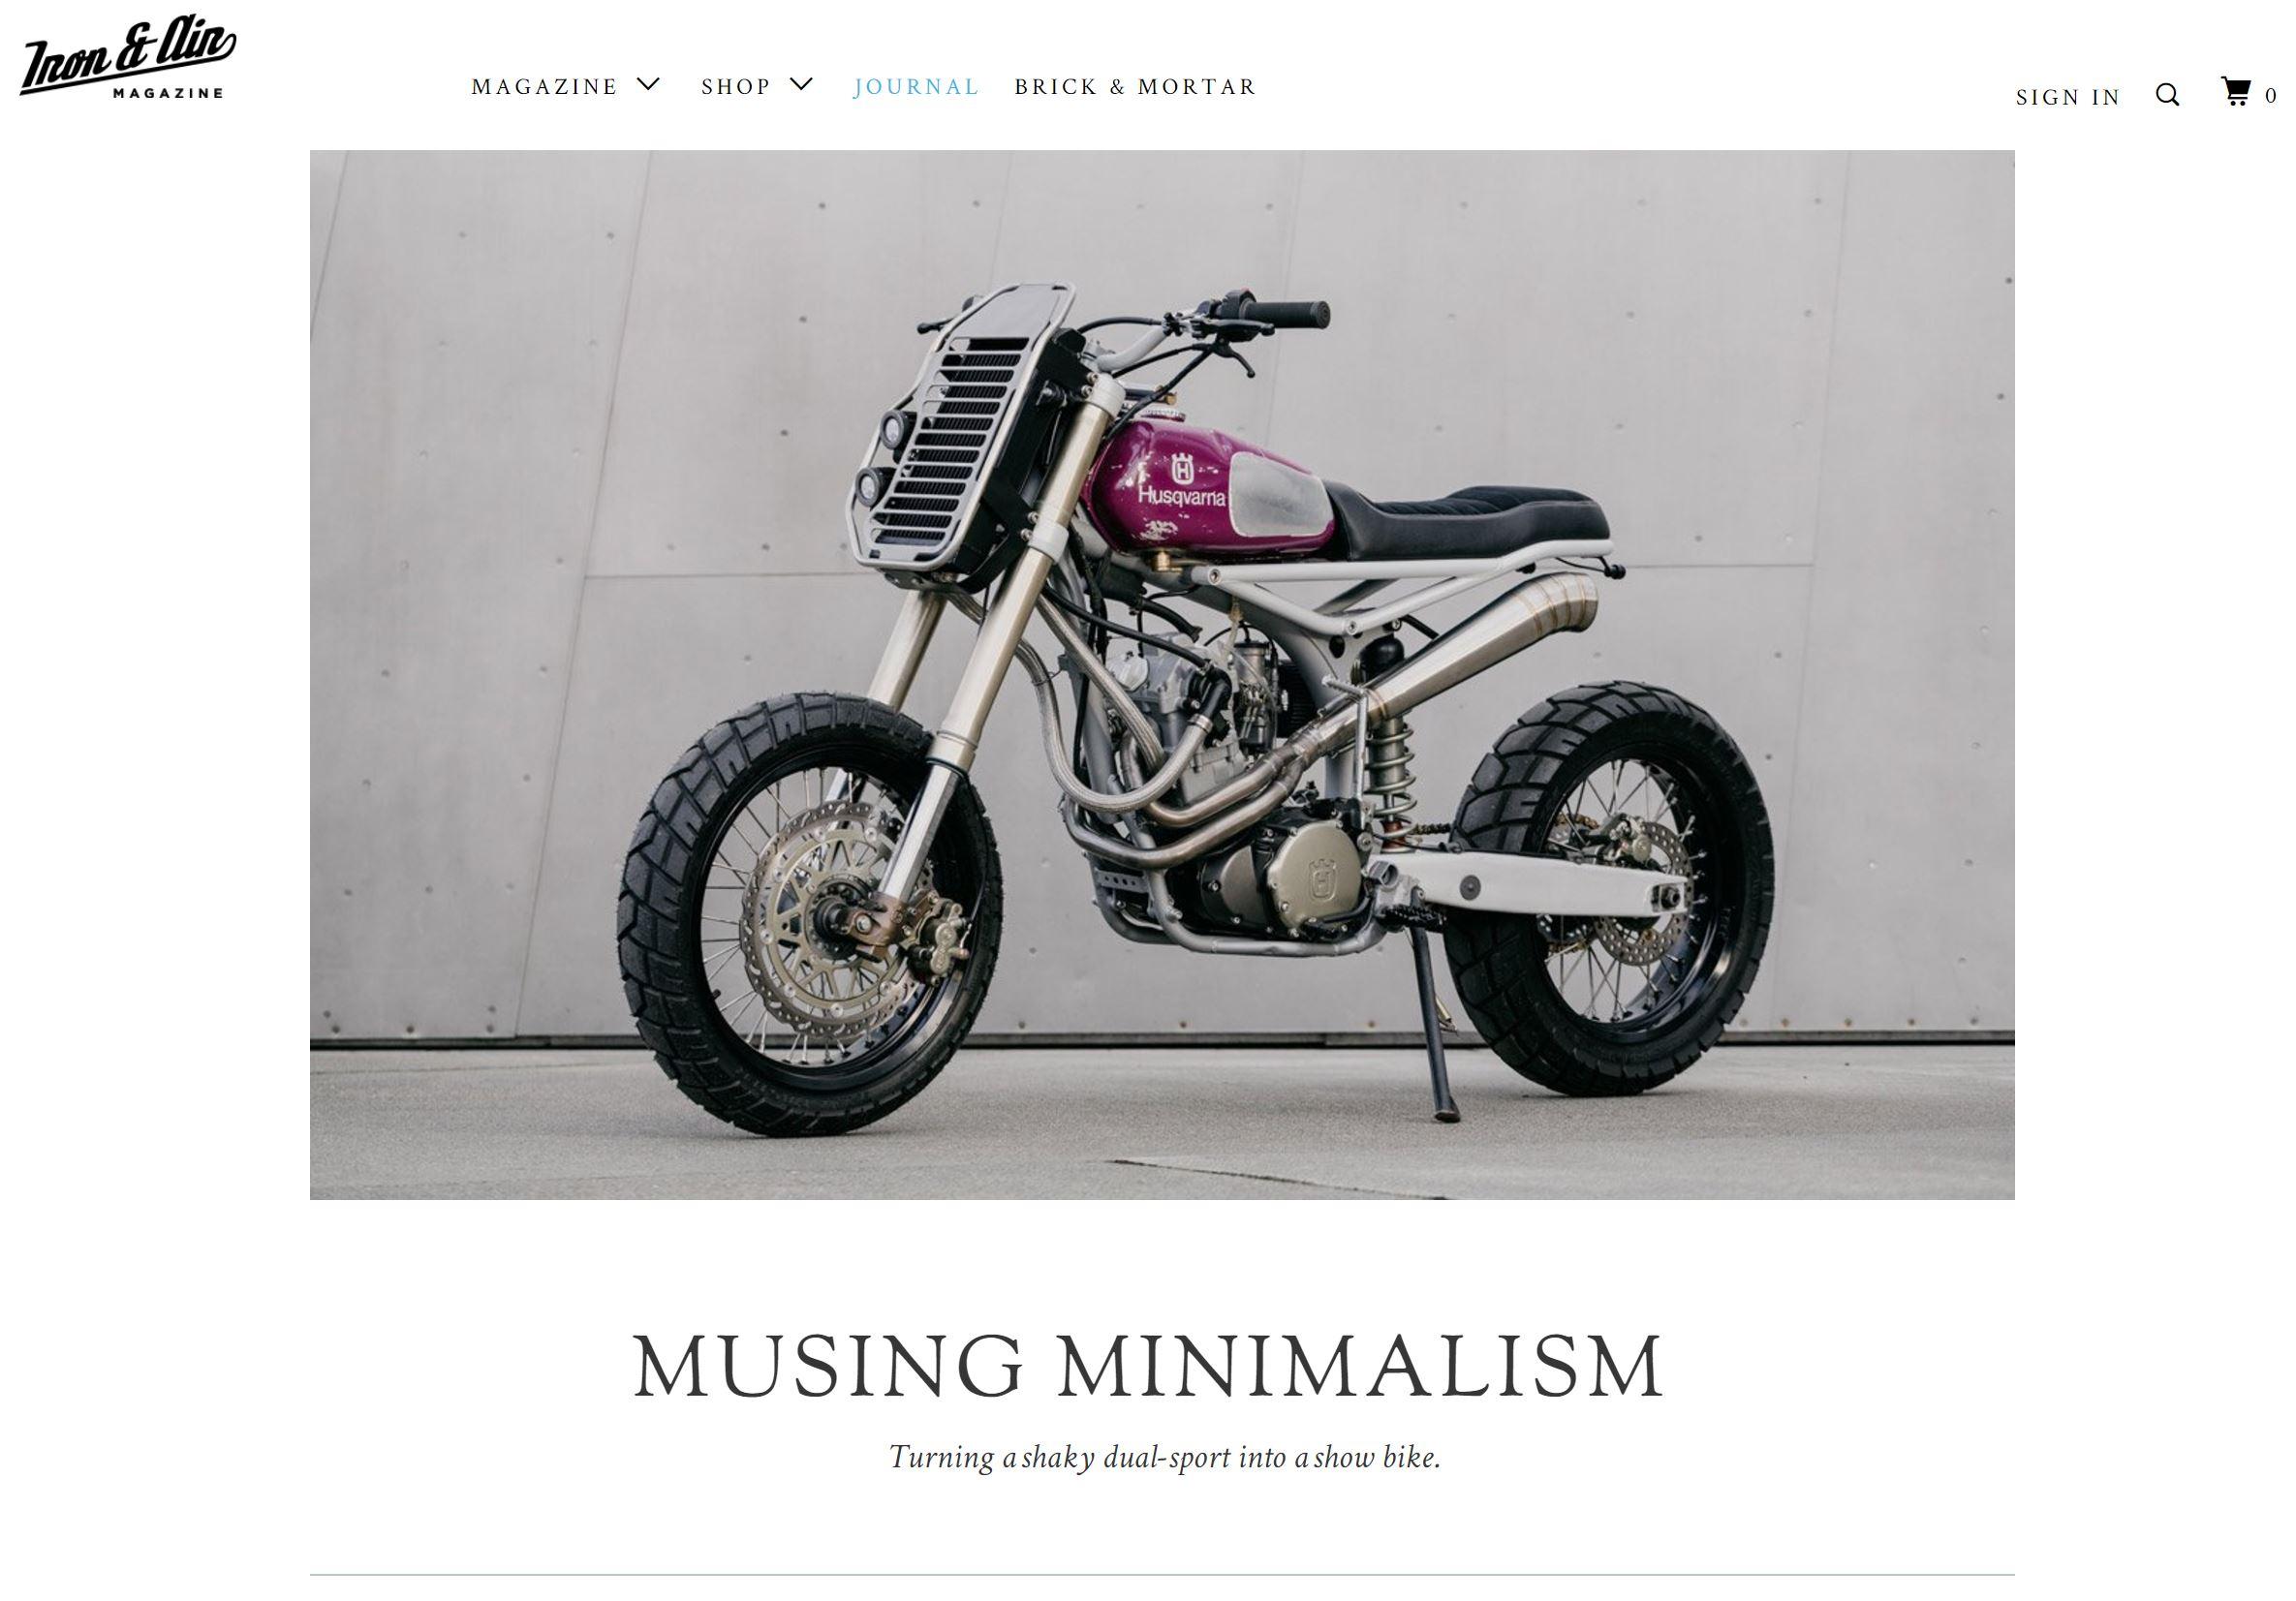 Iron_and_Air_Moto-Mucci_Husqvarna.JPG